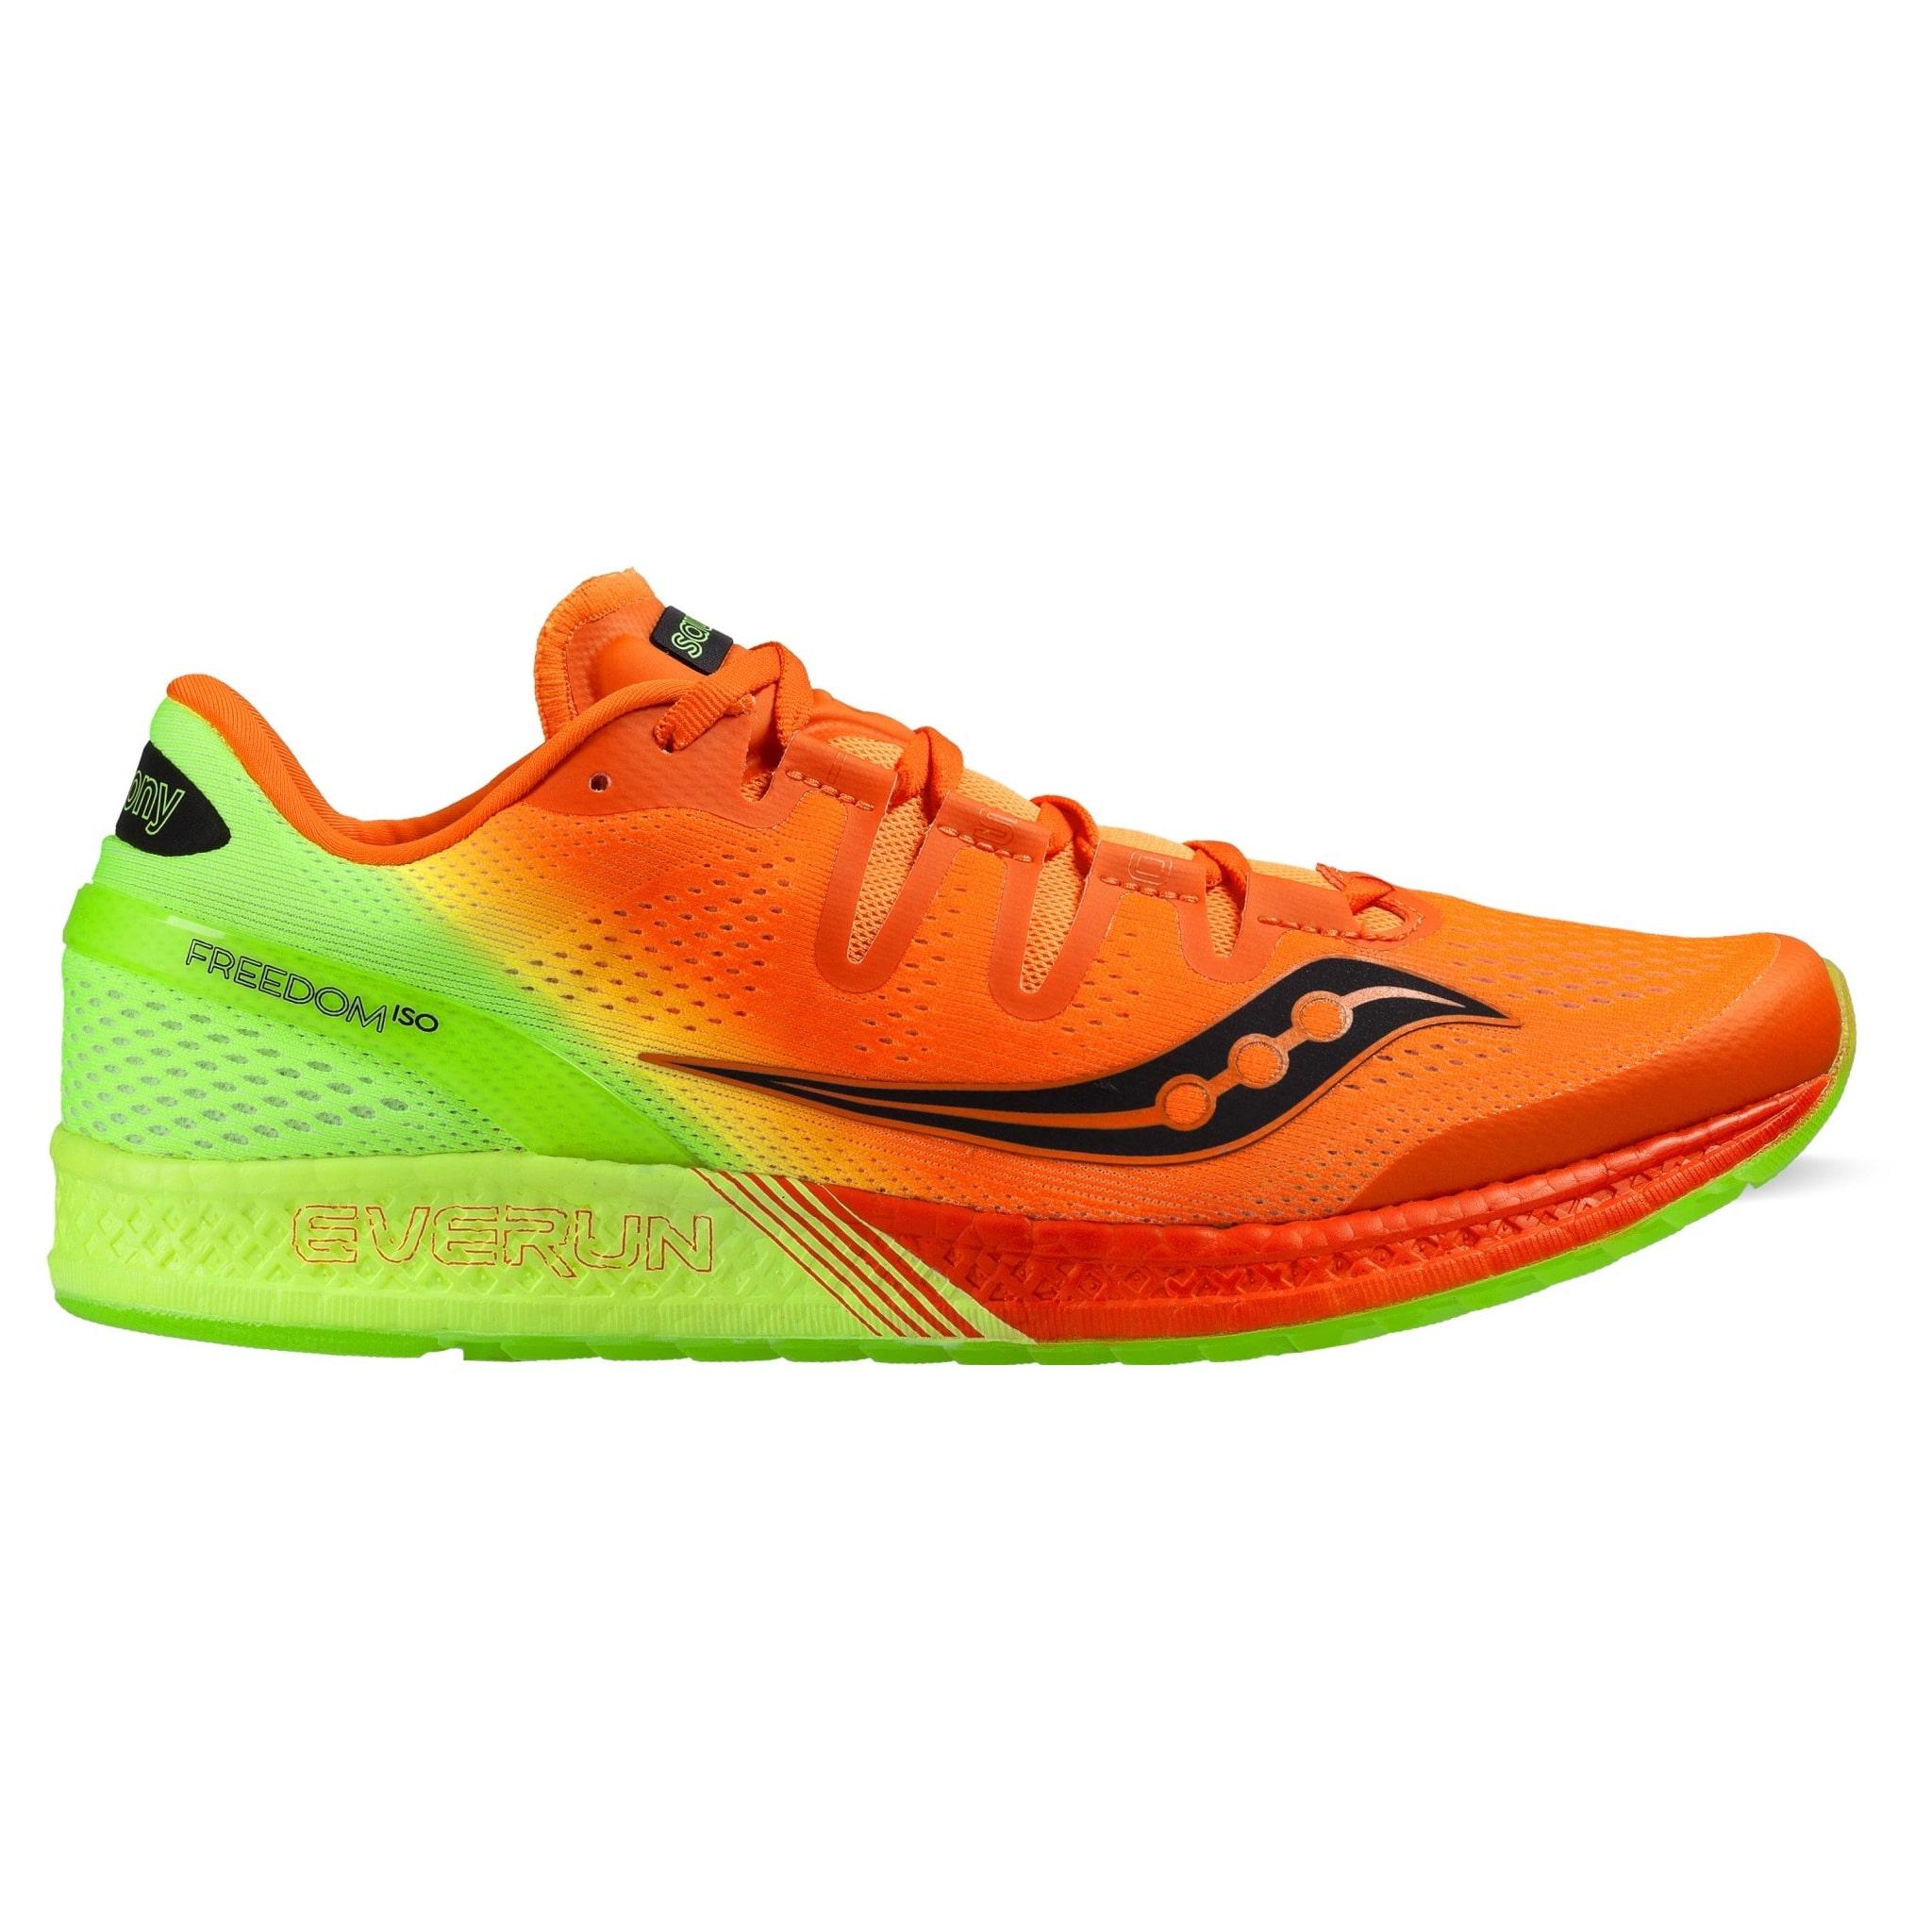 Spennende sko for aktive løpere som søker lettvekt med god demping